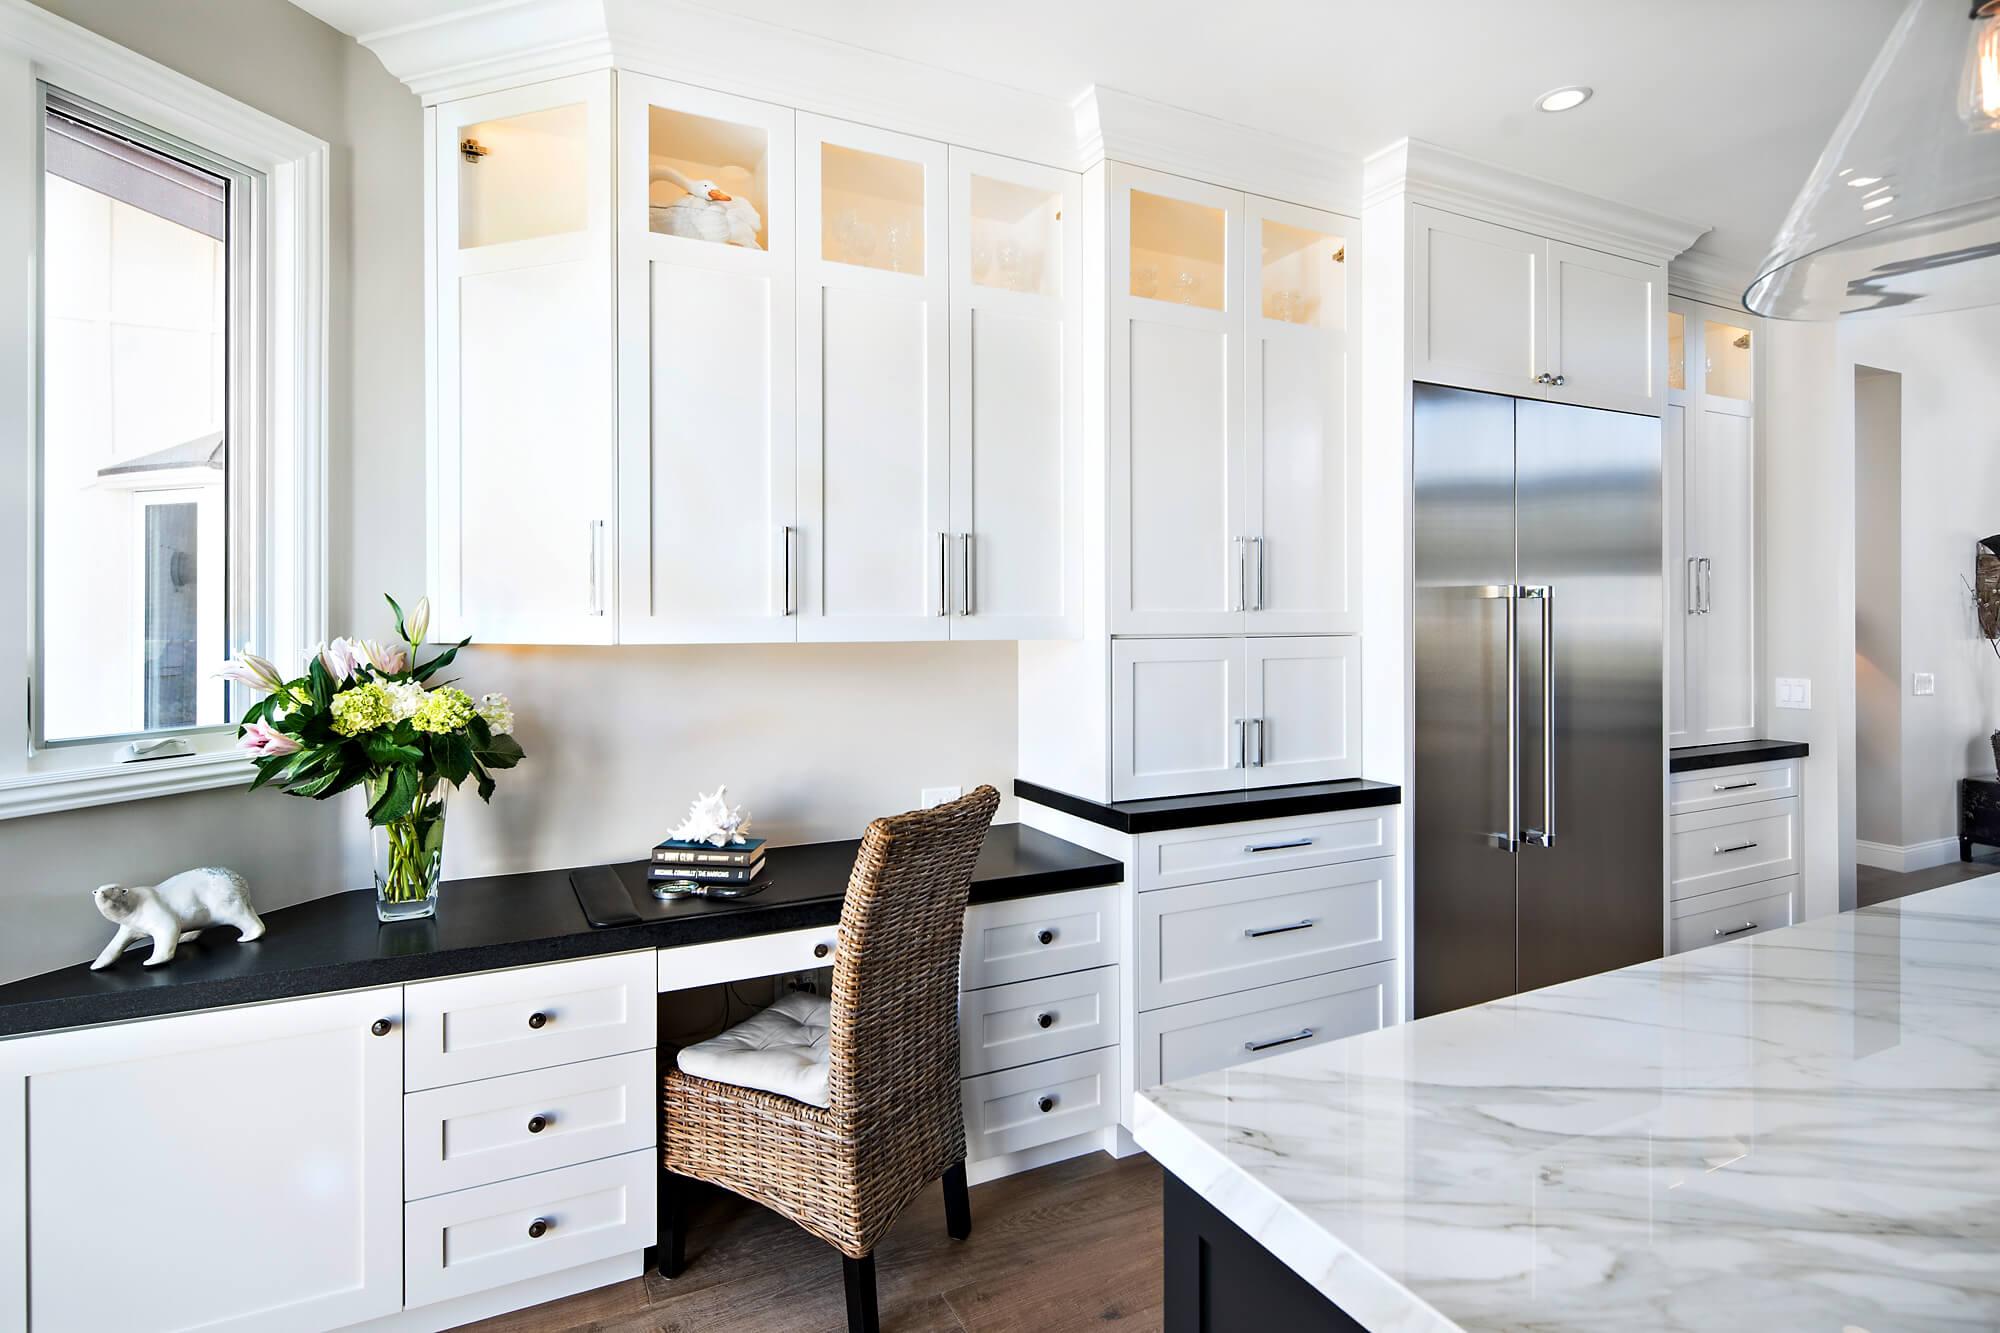 Office nook in kitchen